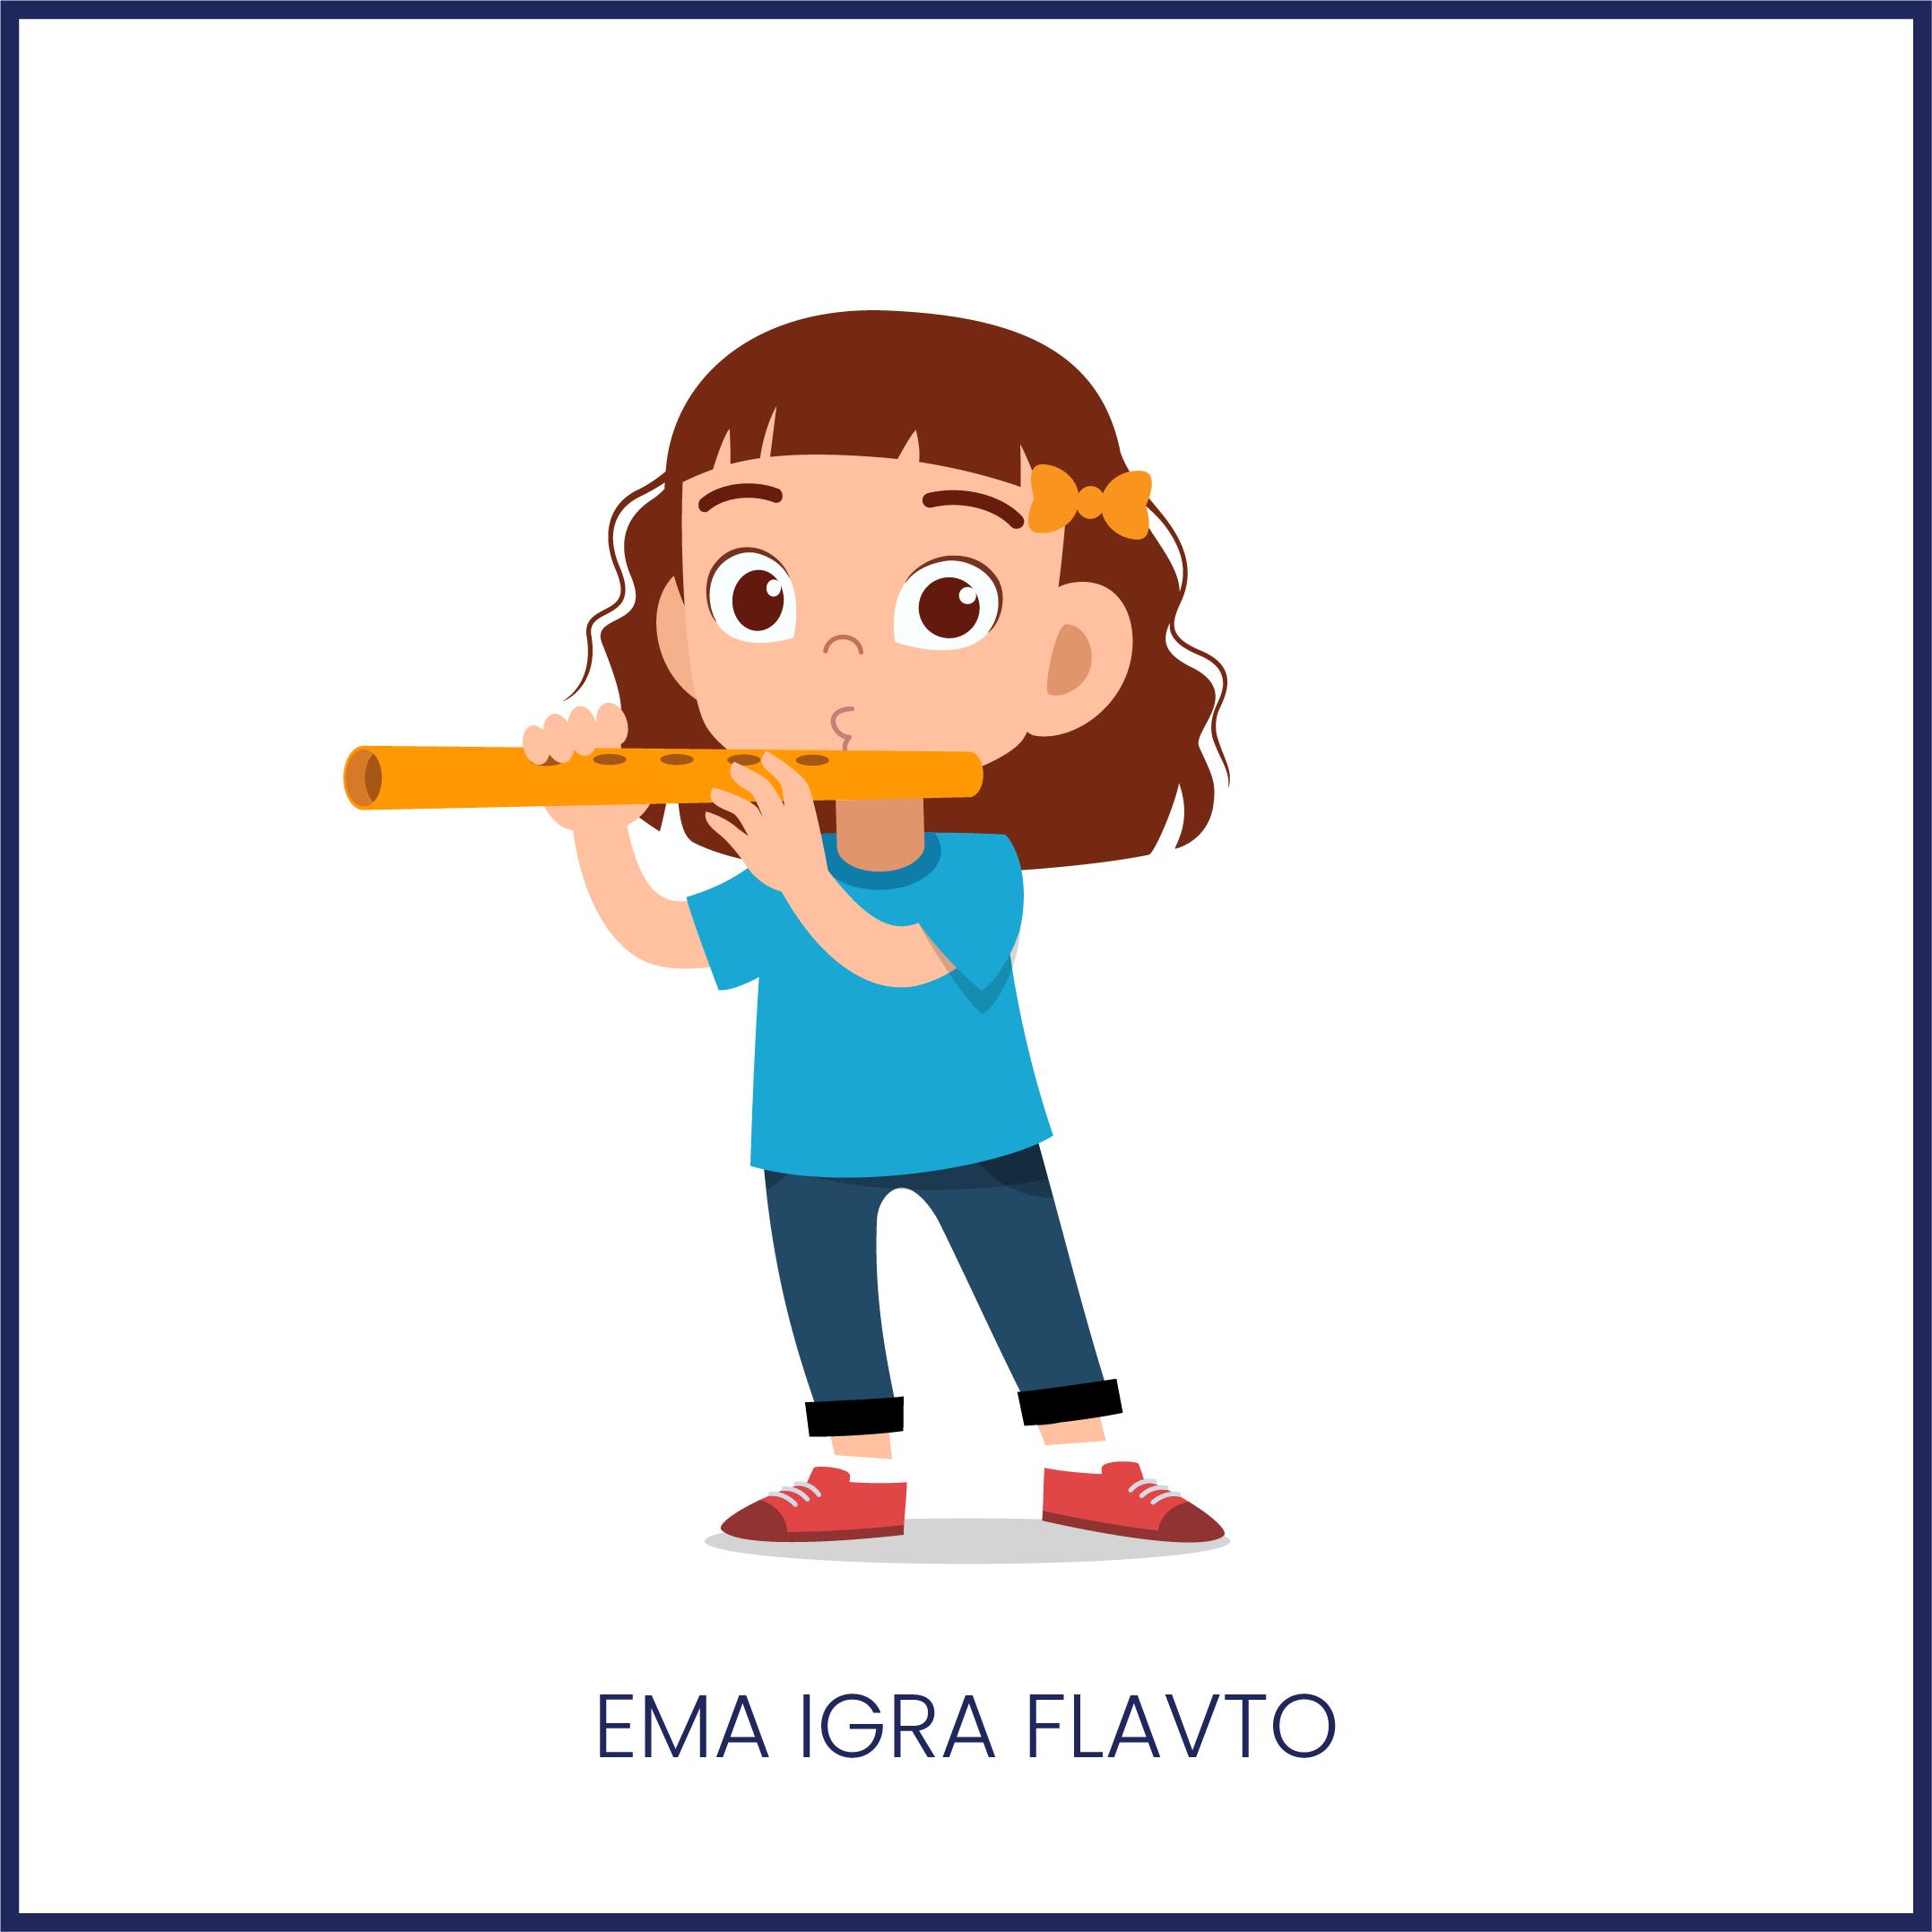 POBARVANKA: Ema igra flavto